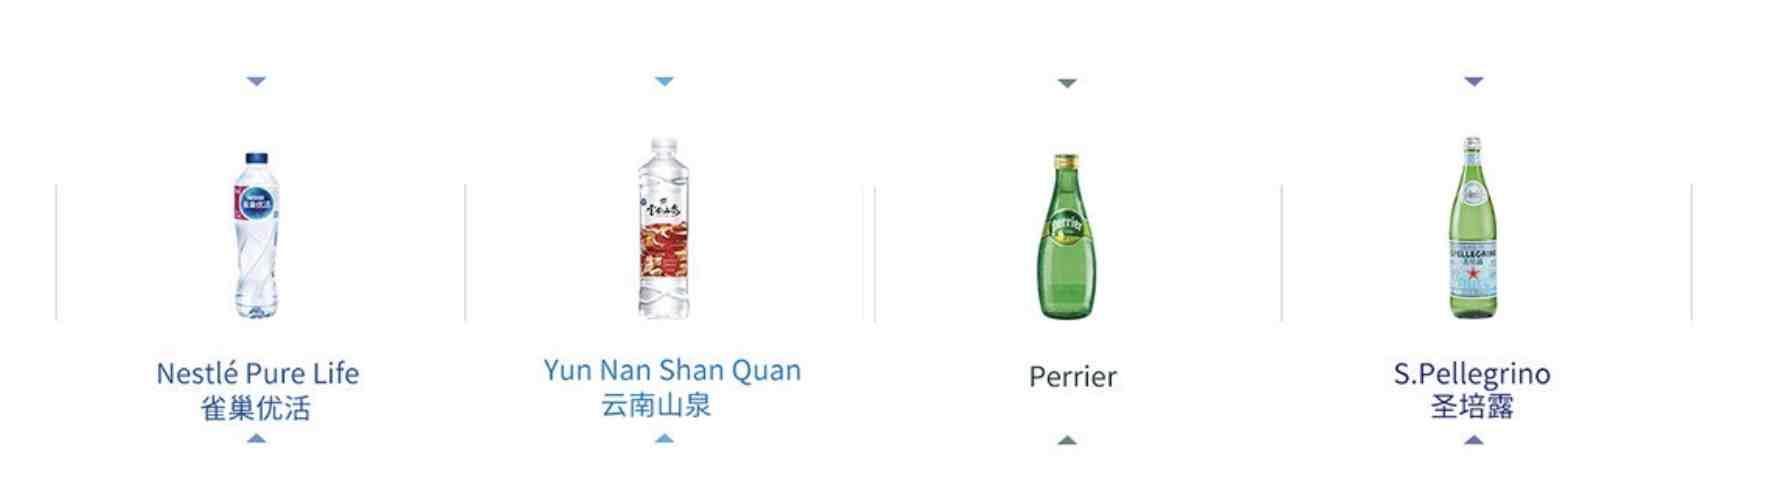 最前线|雀巢饮用水业务再次调整,或将出售中国市场中低端品牌